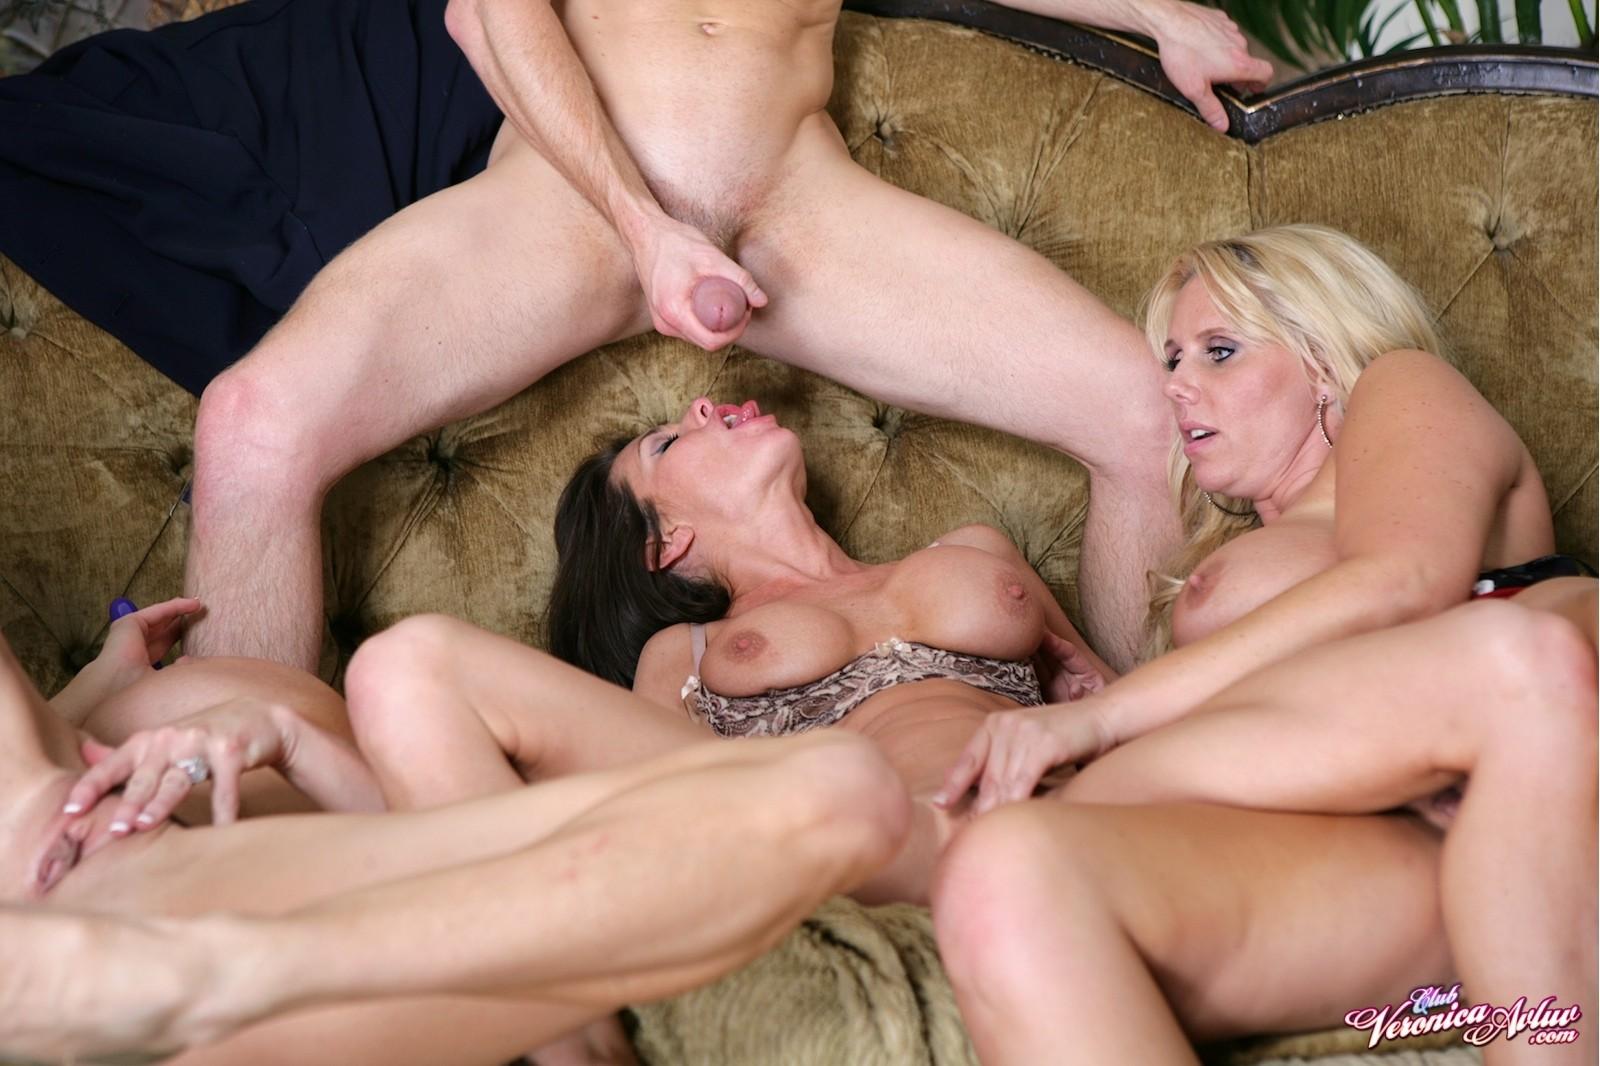 Сочную мама в групповухе, Зрелые женщины в групповом порно, Оргии 14 фотография